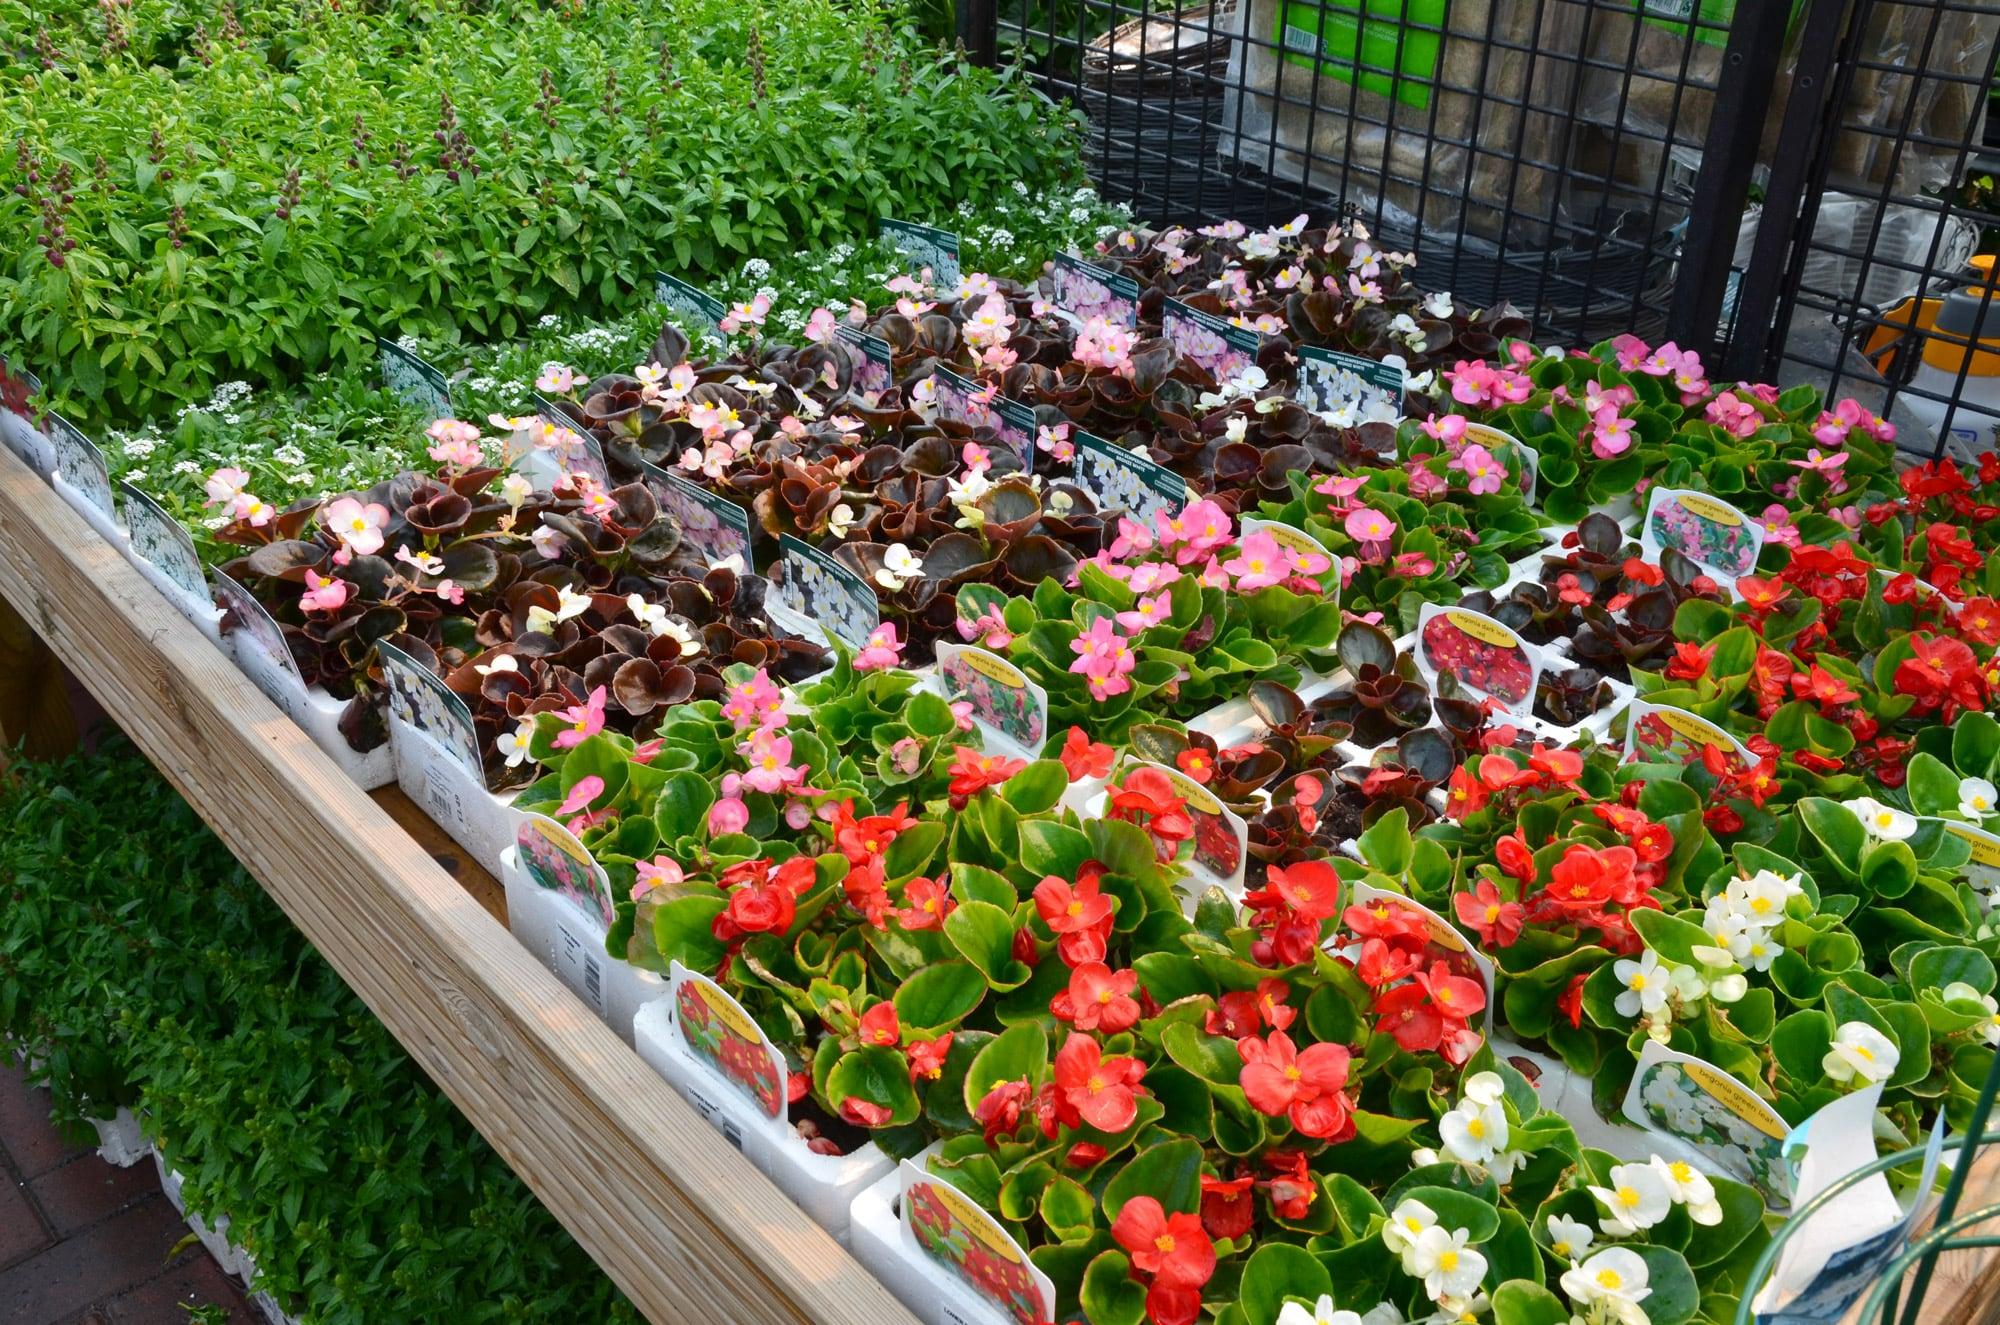 Lower-barn-gardencentre-summer-bedding-min.jpg